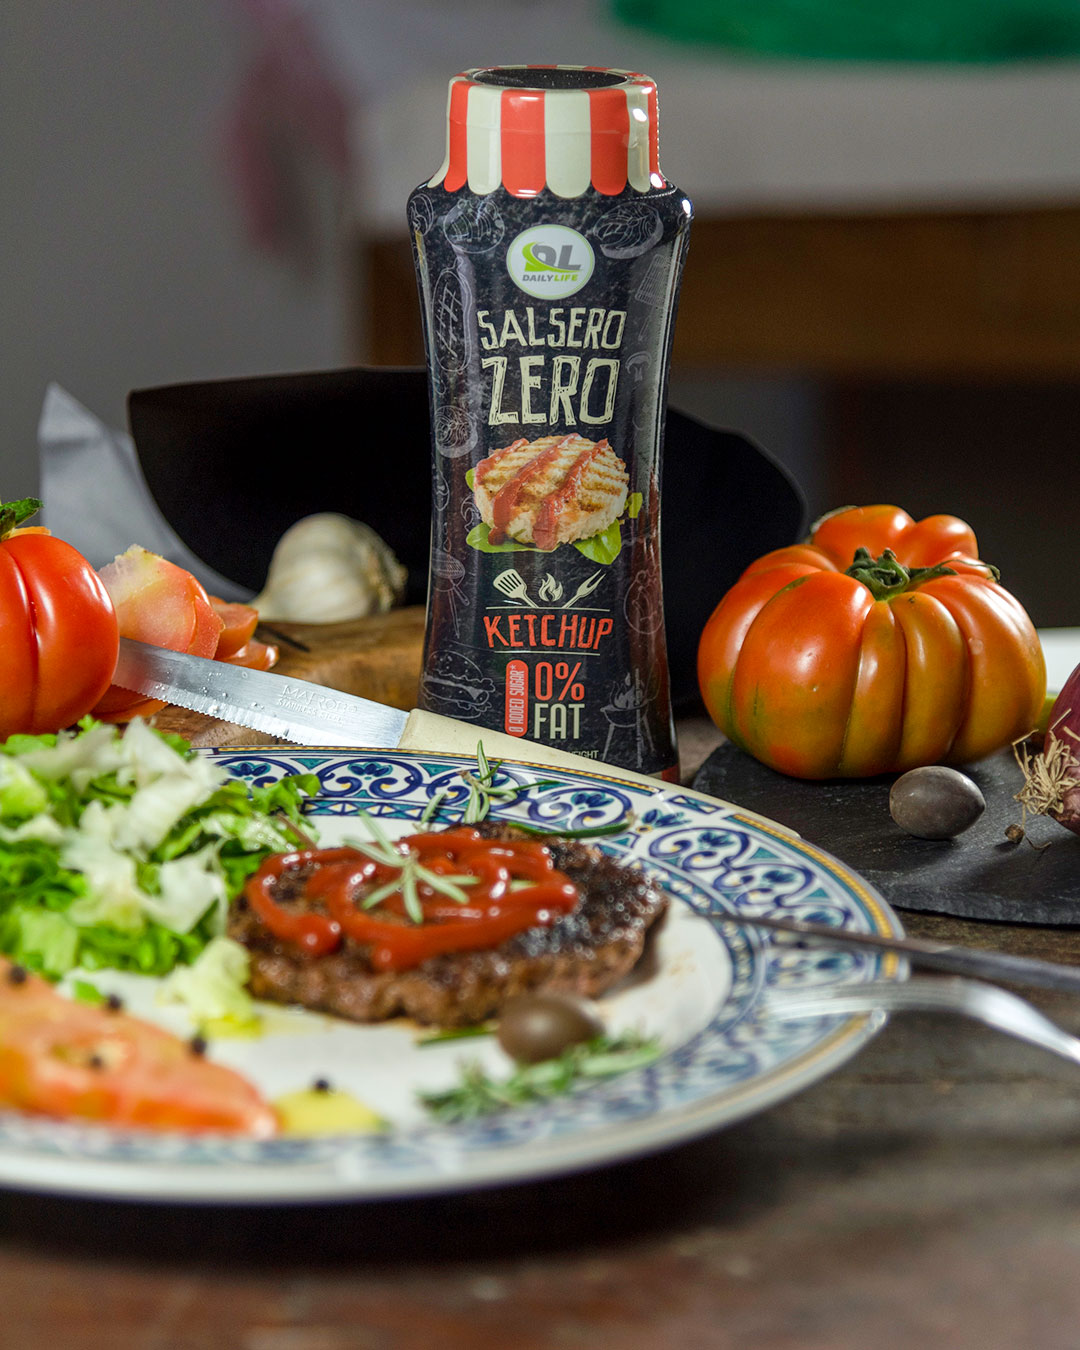 Salsero Zero Salsa Ketchup